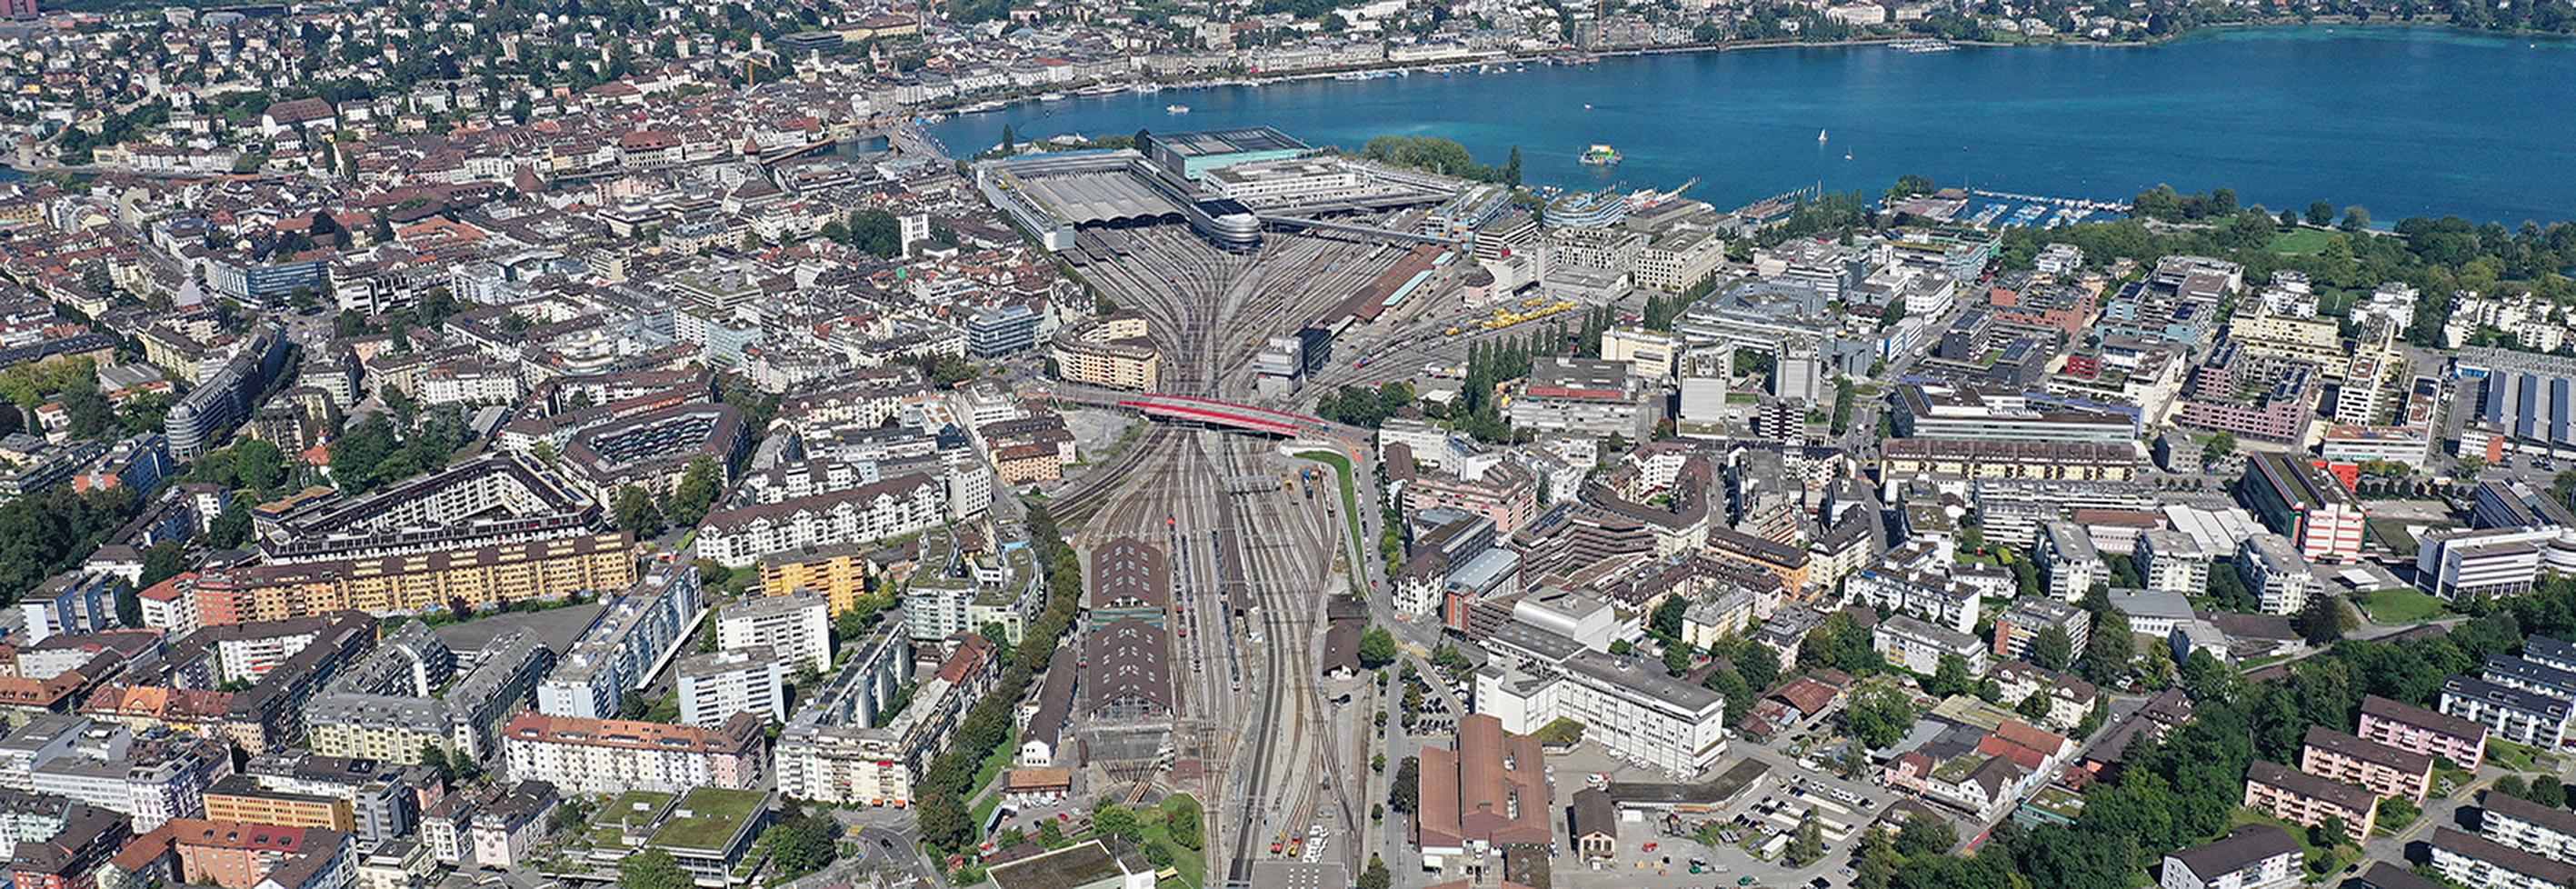 Luftbild Bahnhof Luzern